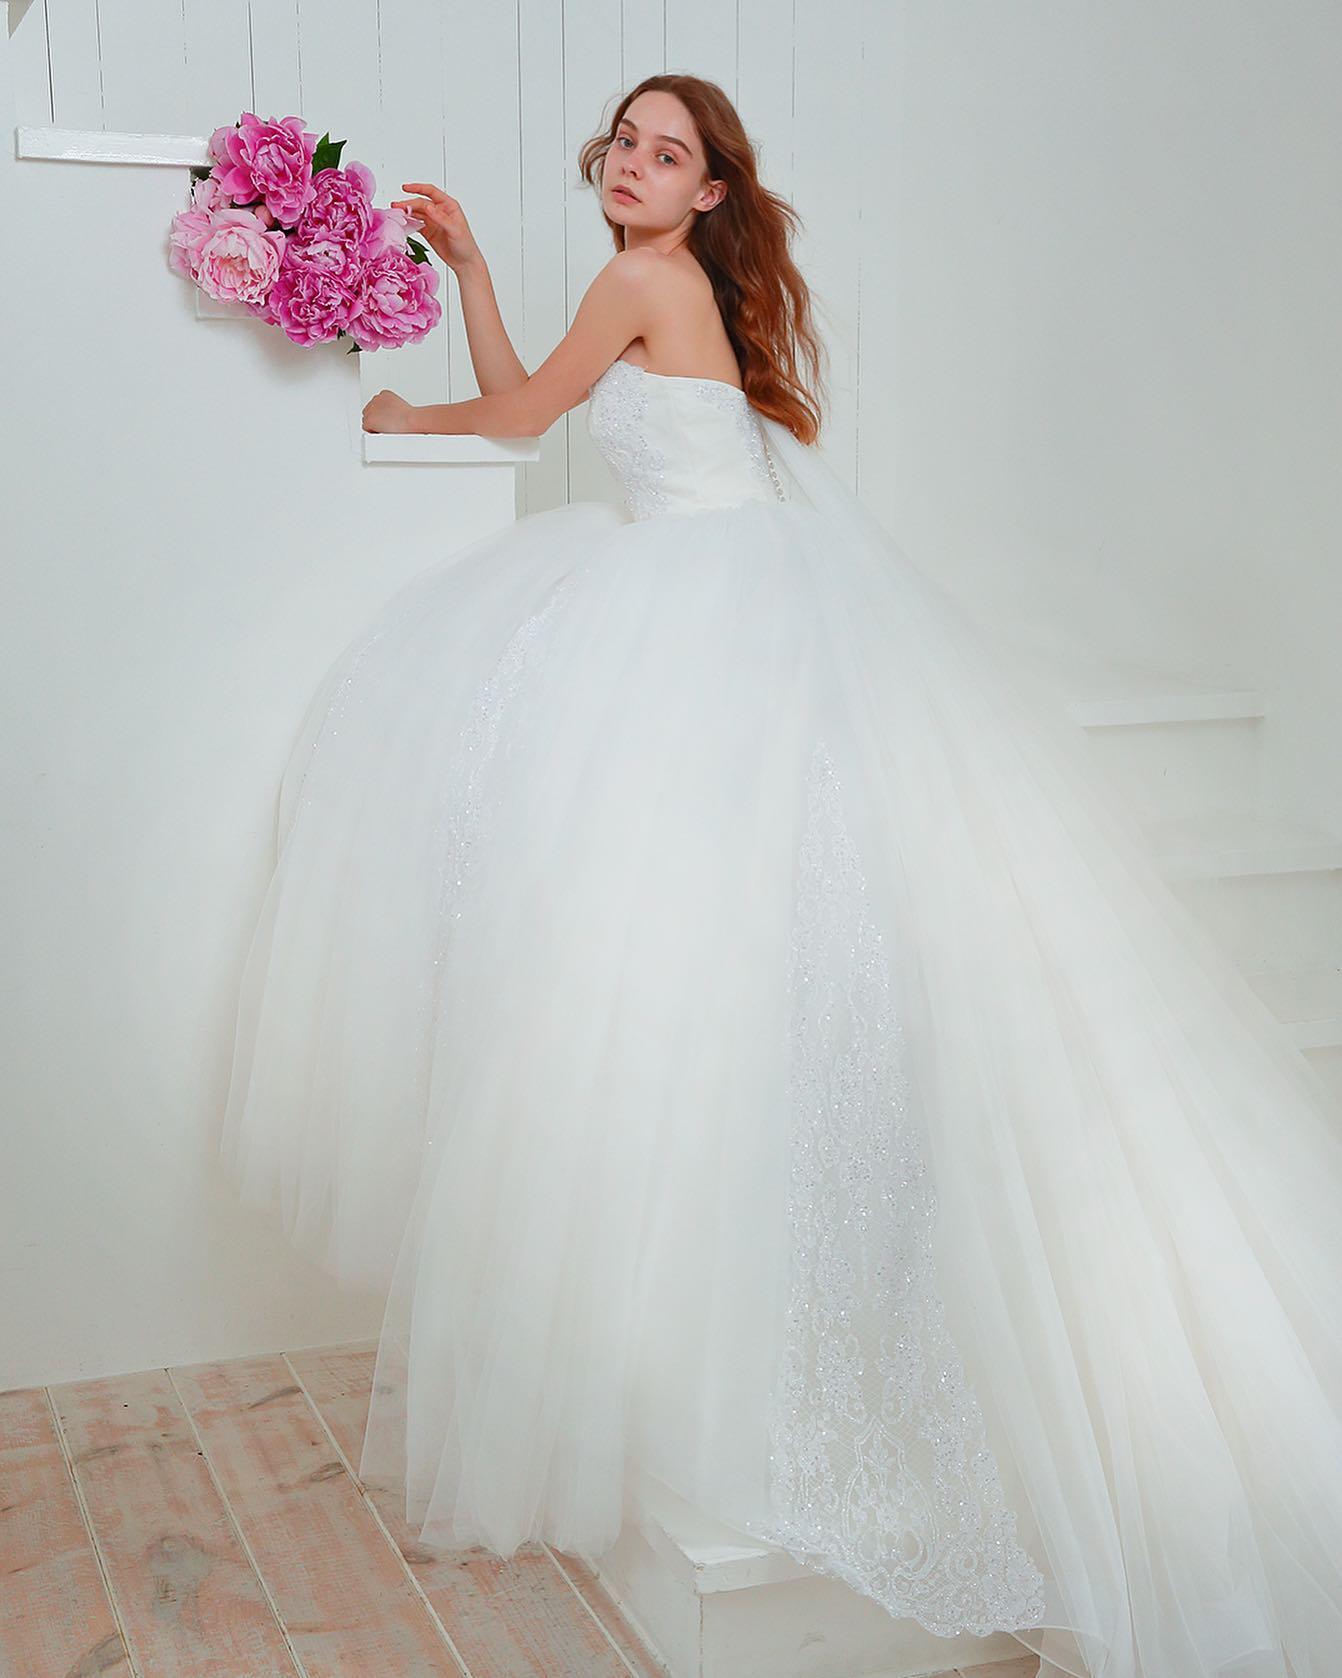 """・当店でも大人気の""""KIYOKO HATA""""のウェディングドレス・「 #360度恋するドレス 」がコンセプトで品格のある華やかさは、特別な日の花嫁をhappyオーラで包み込みます・大人の花嫁にも相応しい一着ぜひご試着にいらして下さい・レンタル価格¥200,000・#wedding #weddingdress #bridalhiro #kiyokohata#ウェディングドレス #プレ花嫁 #ドレス試着 #2021夏婚 #2021冬婚 #ヘアメイク #結婚式  #ドレス選び #前撮り #後撮り #フォトウェディング #ウェディングヘア  #フォト婚 #前撮り写真 #ブライダルフォト #カップルフォト #ウェディングドレス探し #ウェディングドレス試着 #レンタルドレス #ドレスショップ #家族婚 #ブライダルヒロ #キヨコハタ #キヨコハタドレス"""